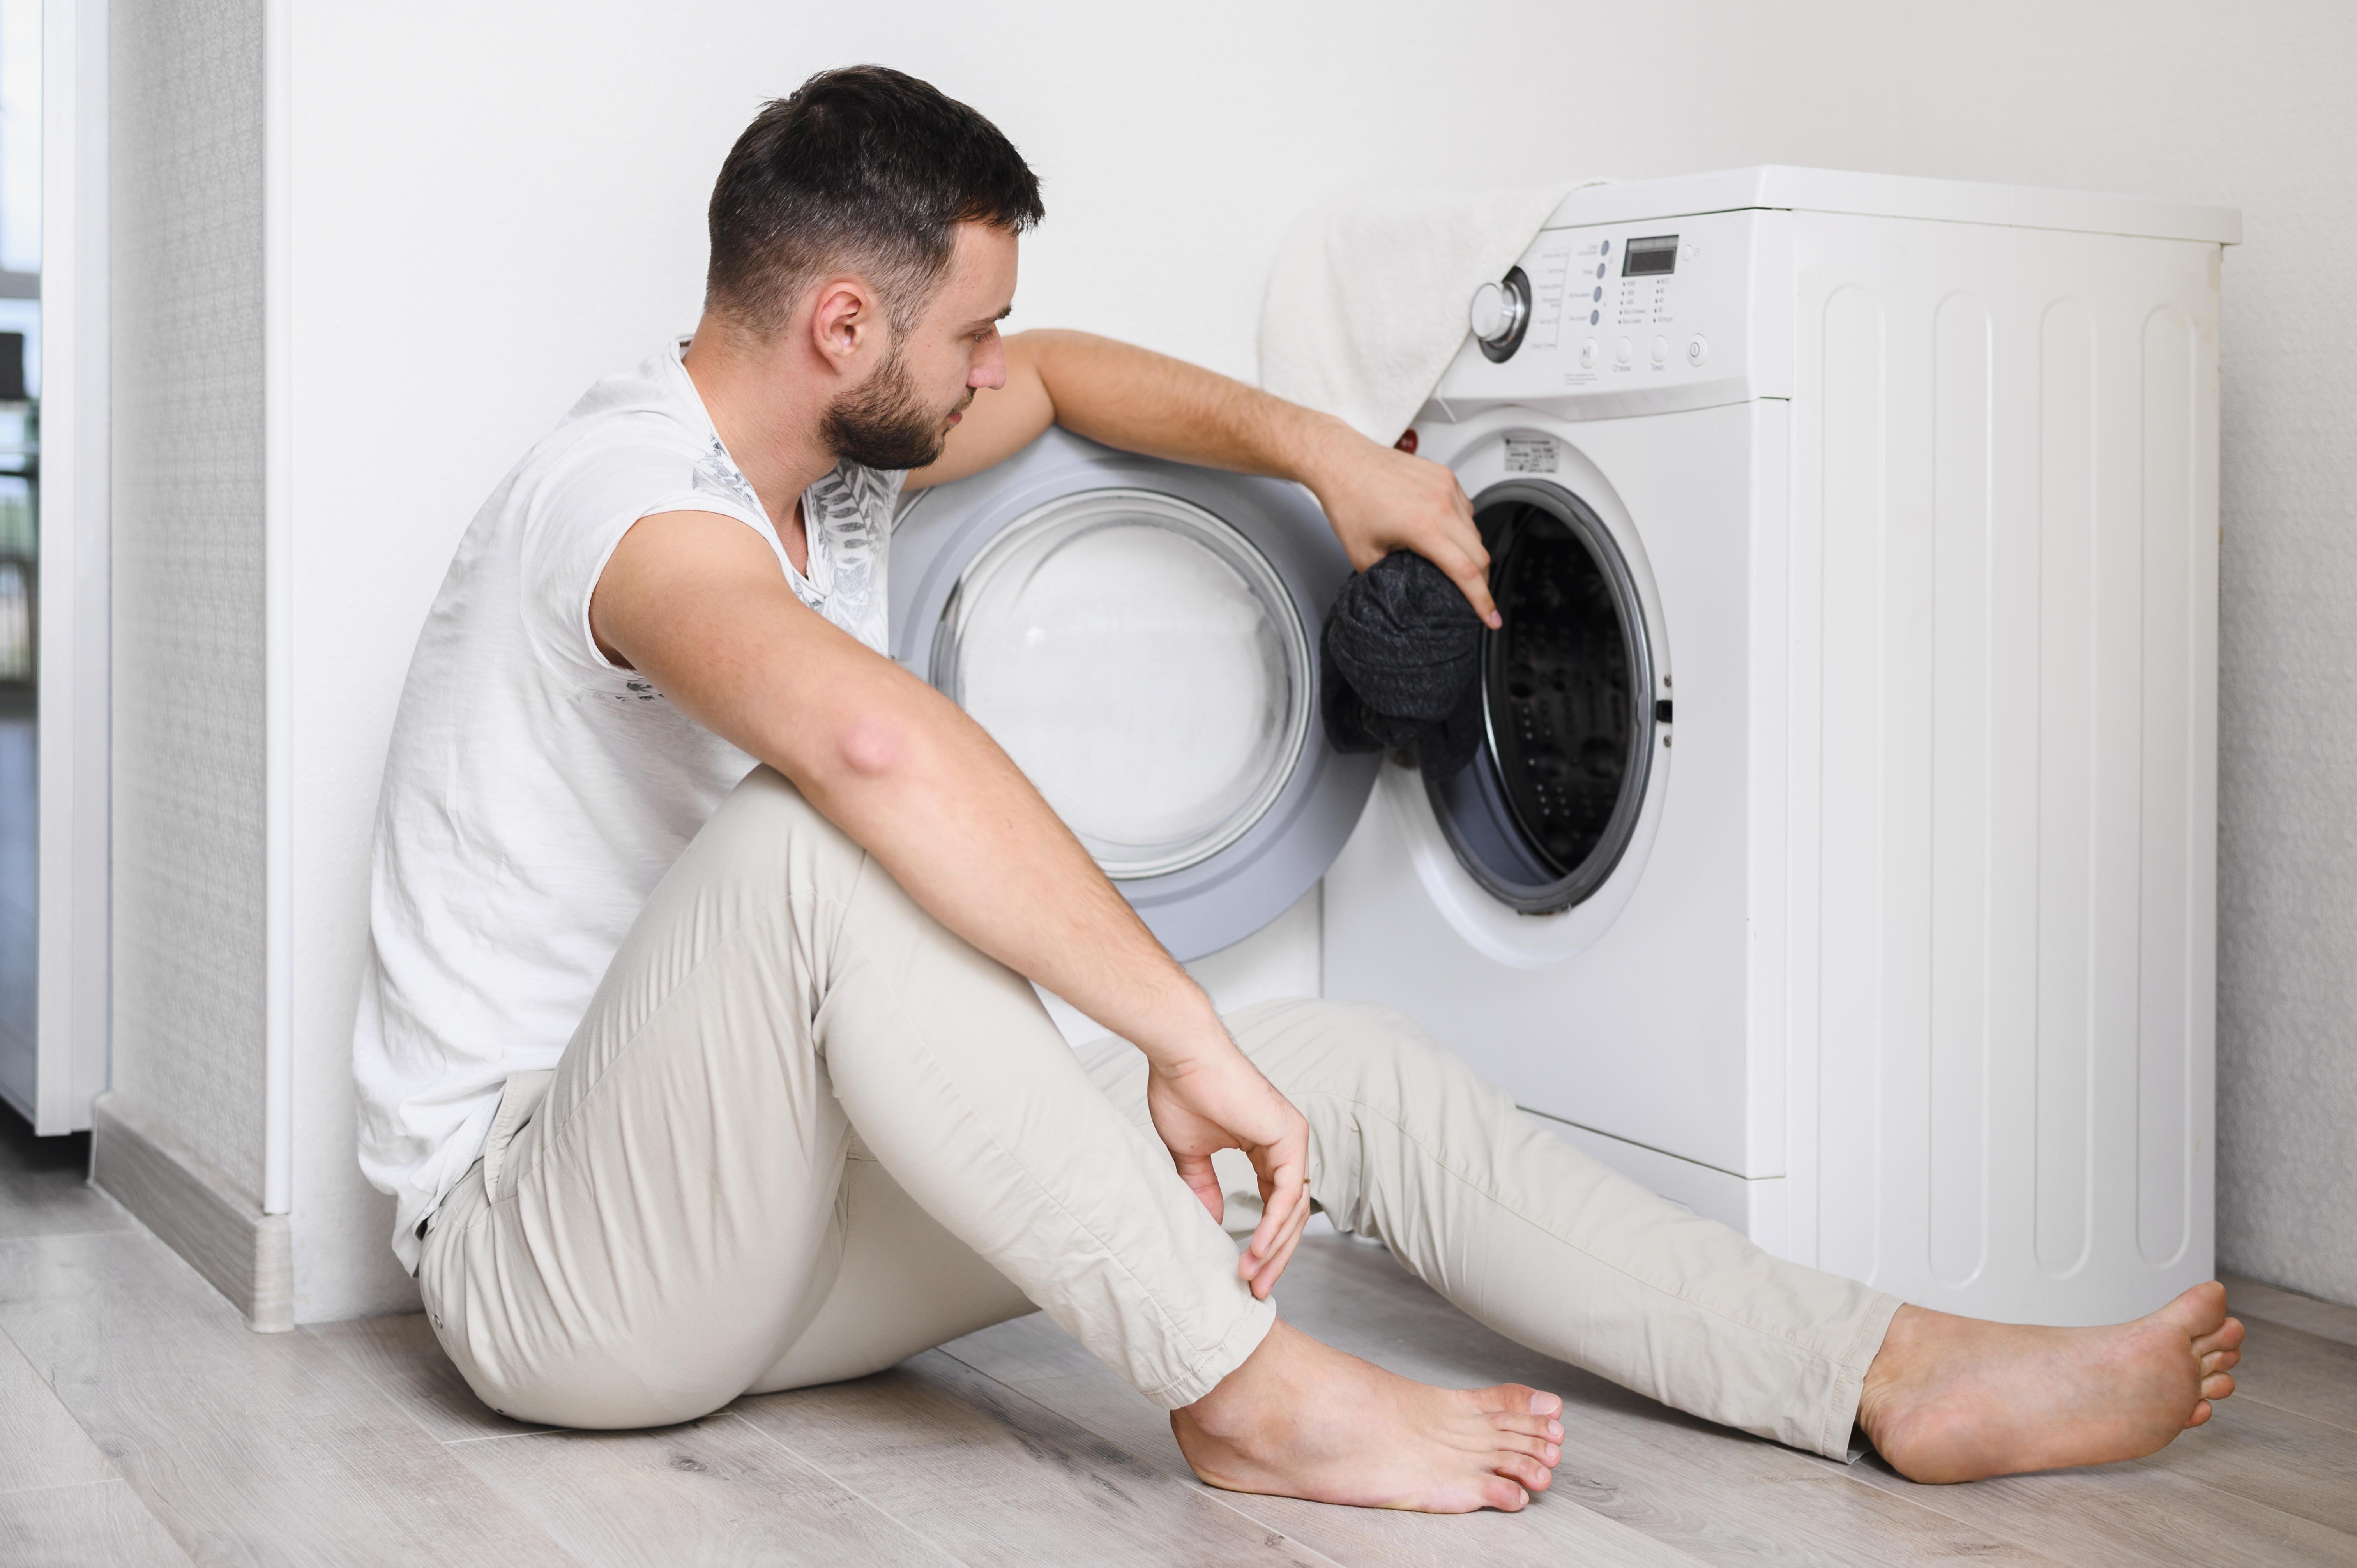 เครื่องซักผ้ายี่ห้ออะไรดีที่สุด